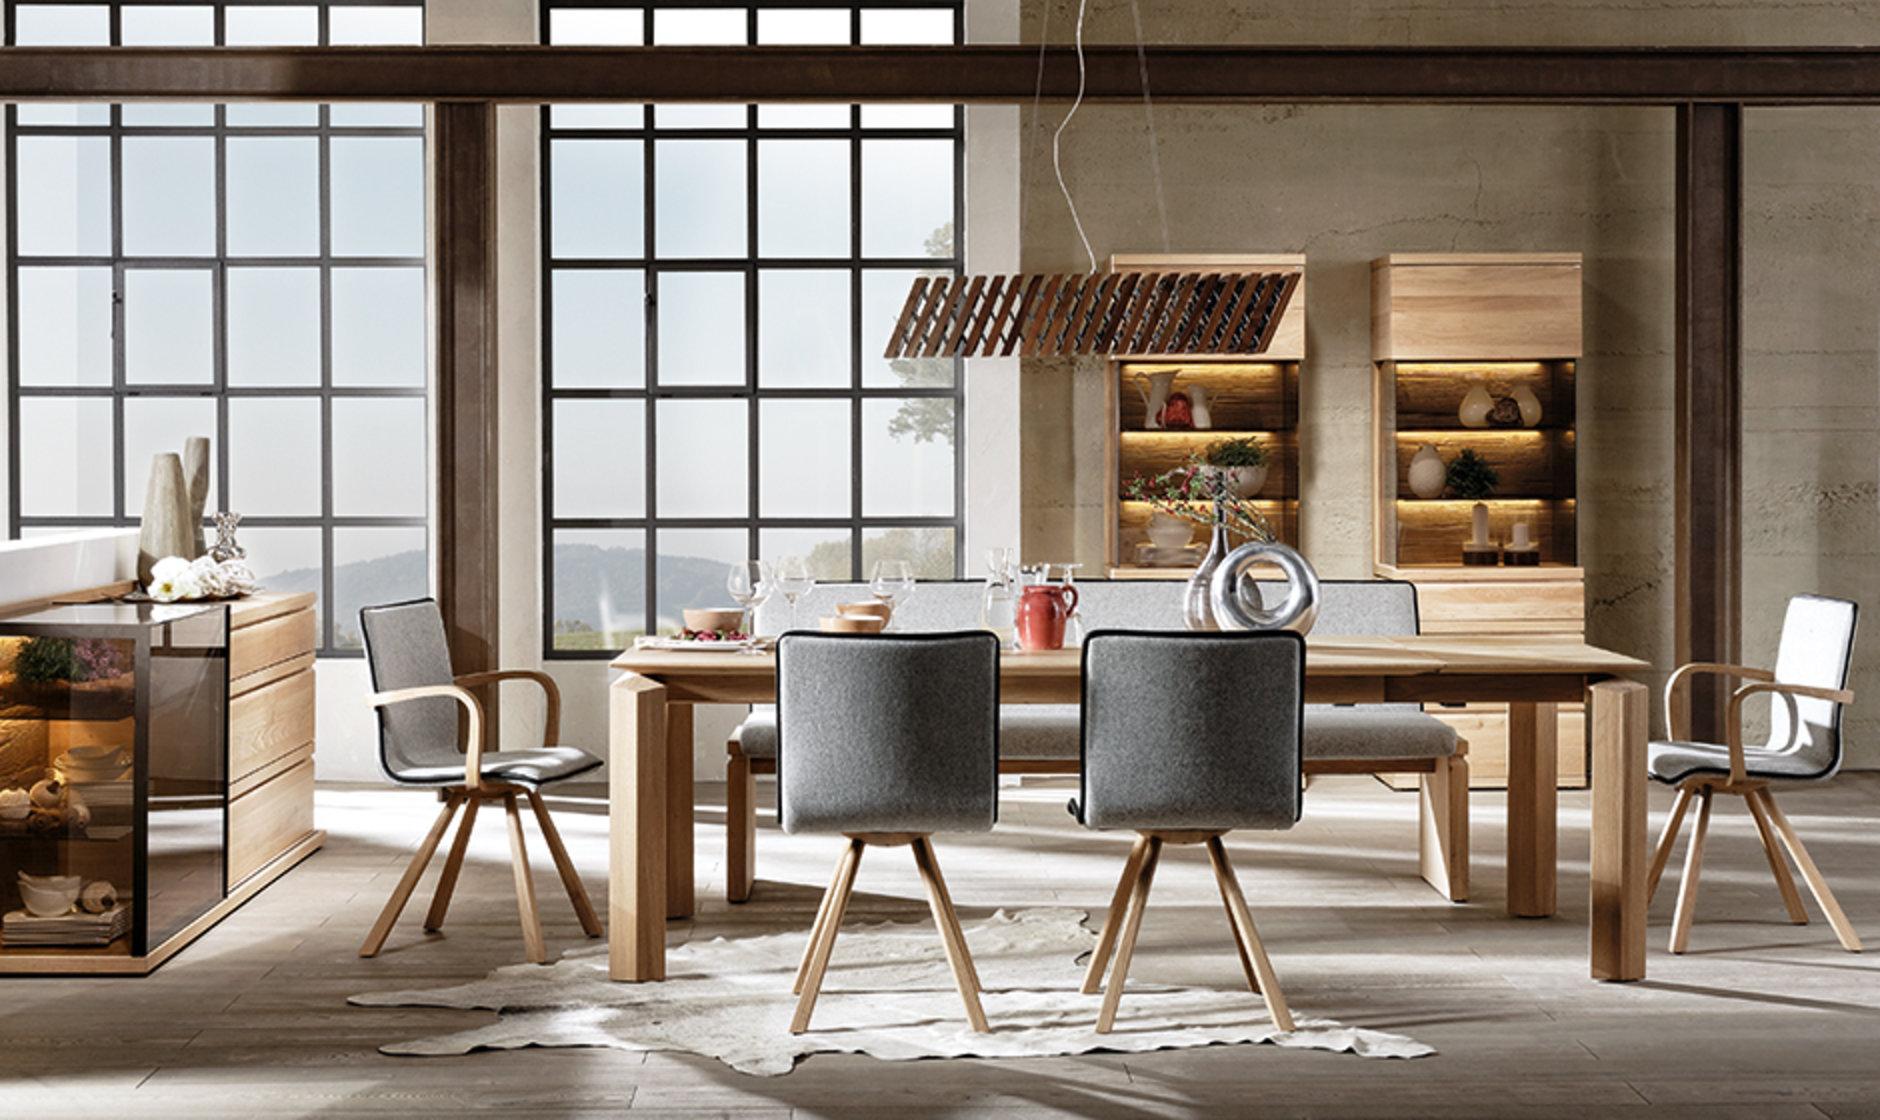 Esszimmerstühle aus Holz mit Filzbezug von Voglauer